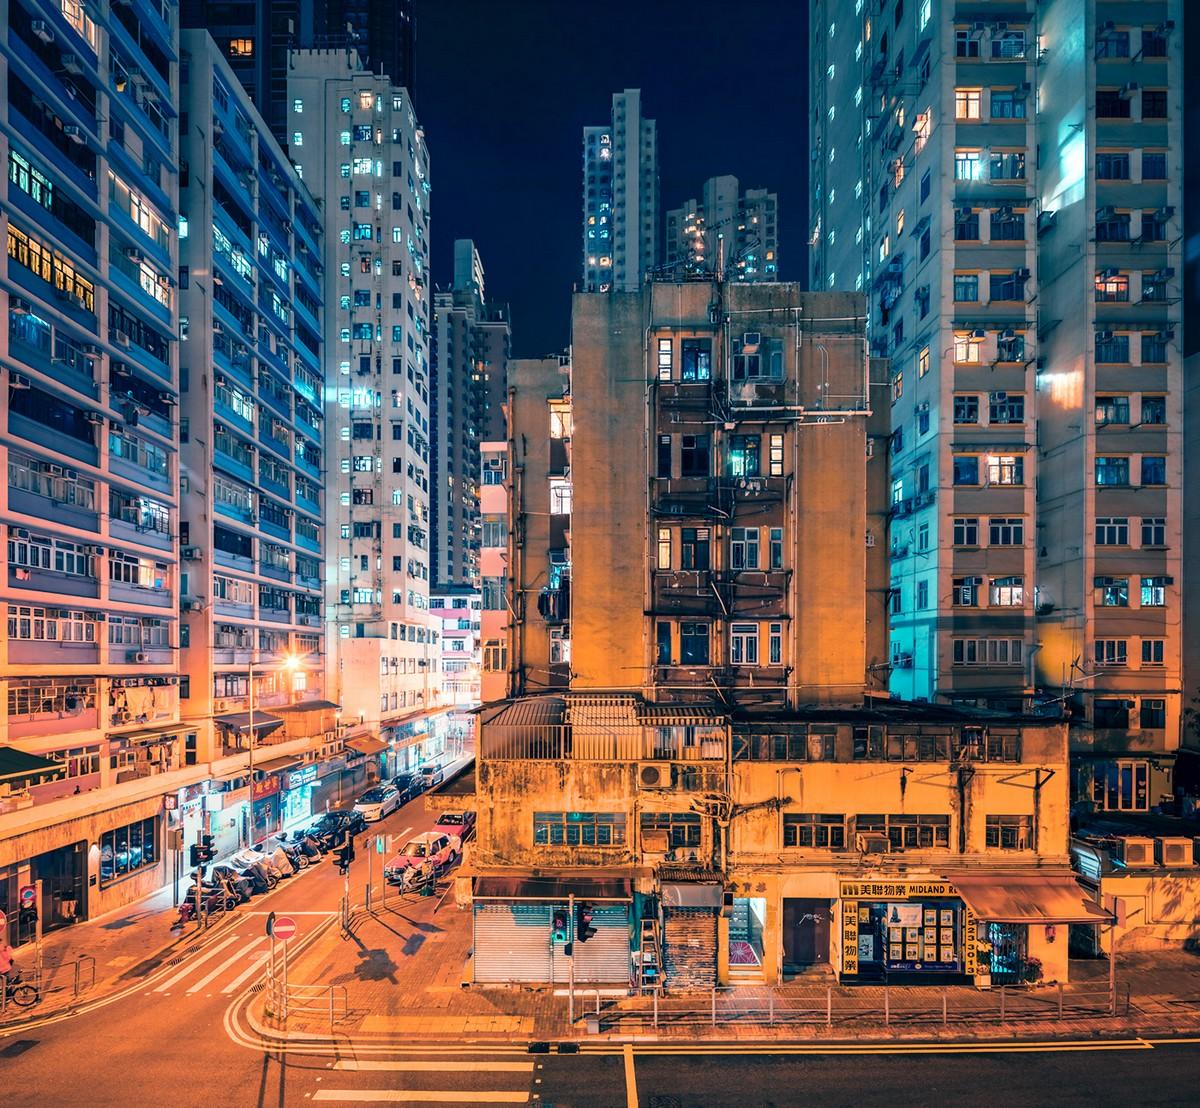 Крошечные дома Гонконга в фотопроекте Николауса Грюнвальда